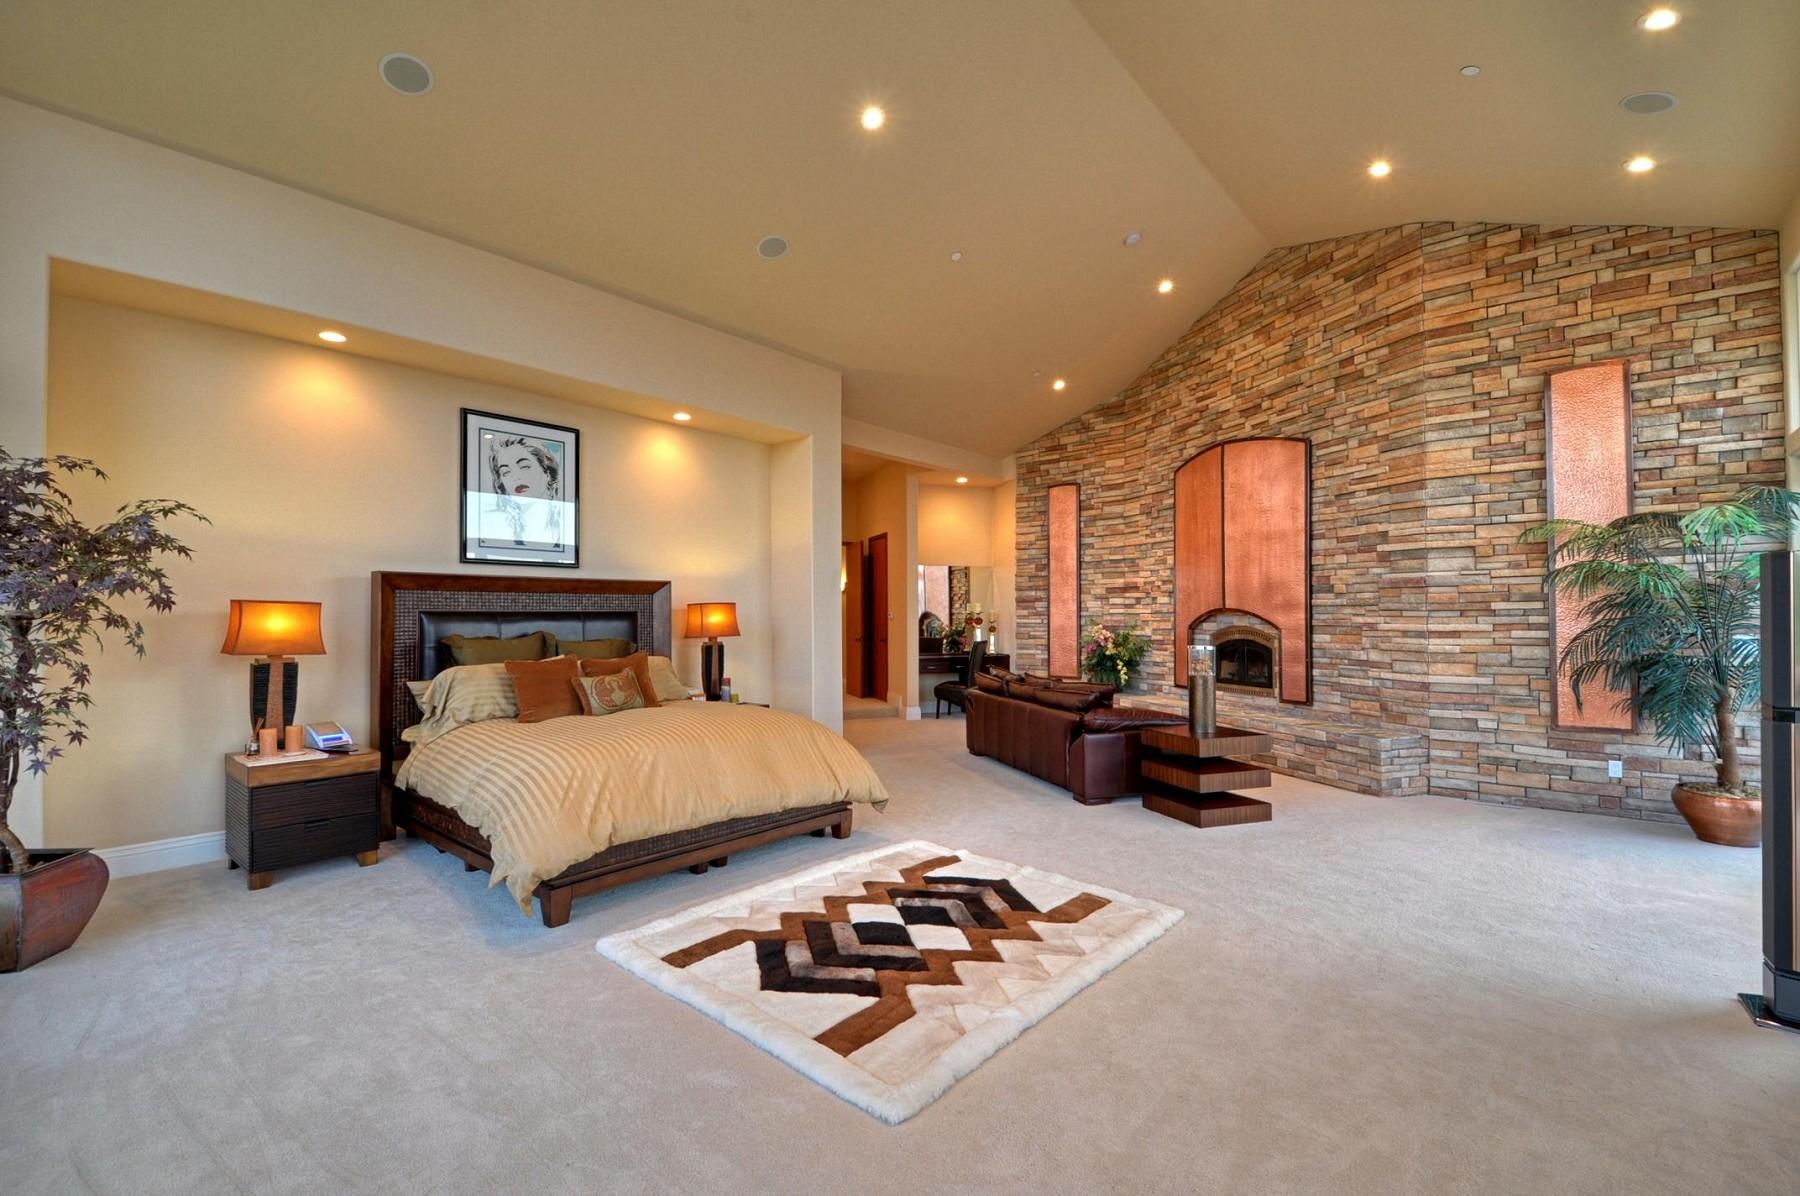 Choisir le meilleur lit adulte 40 belles id es for Decoration chez soi chambre coucher